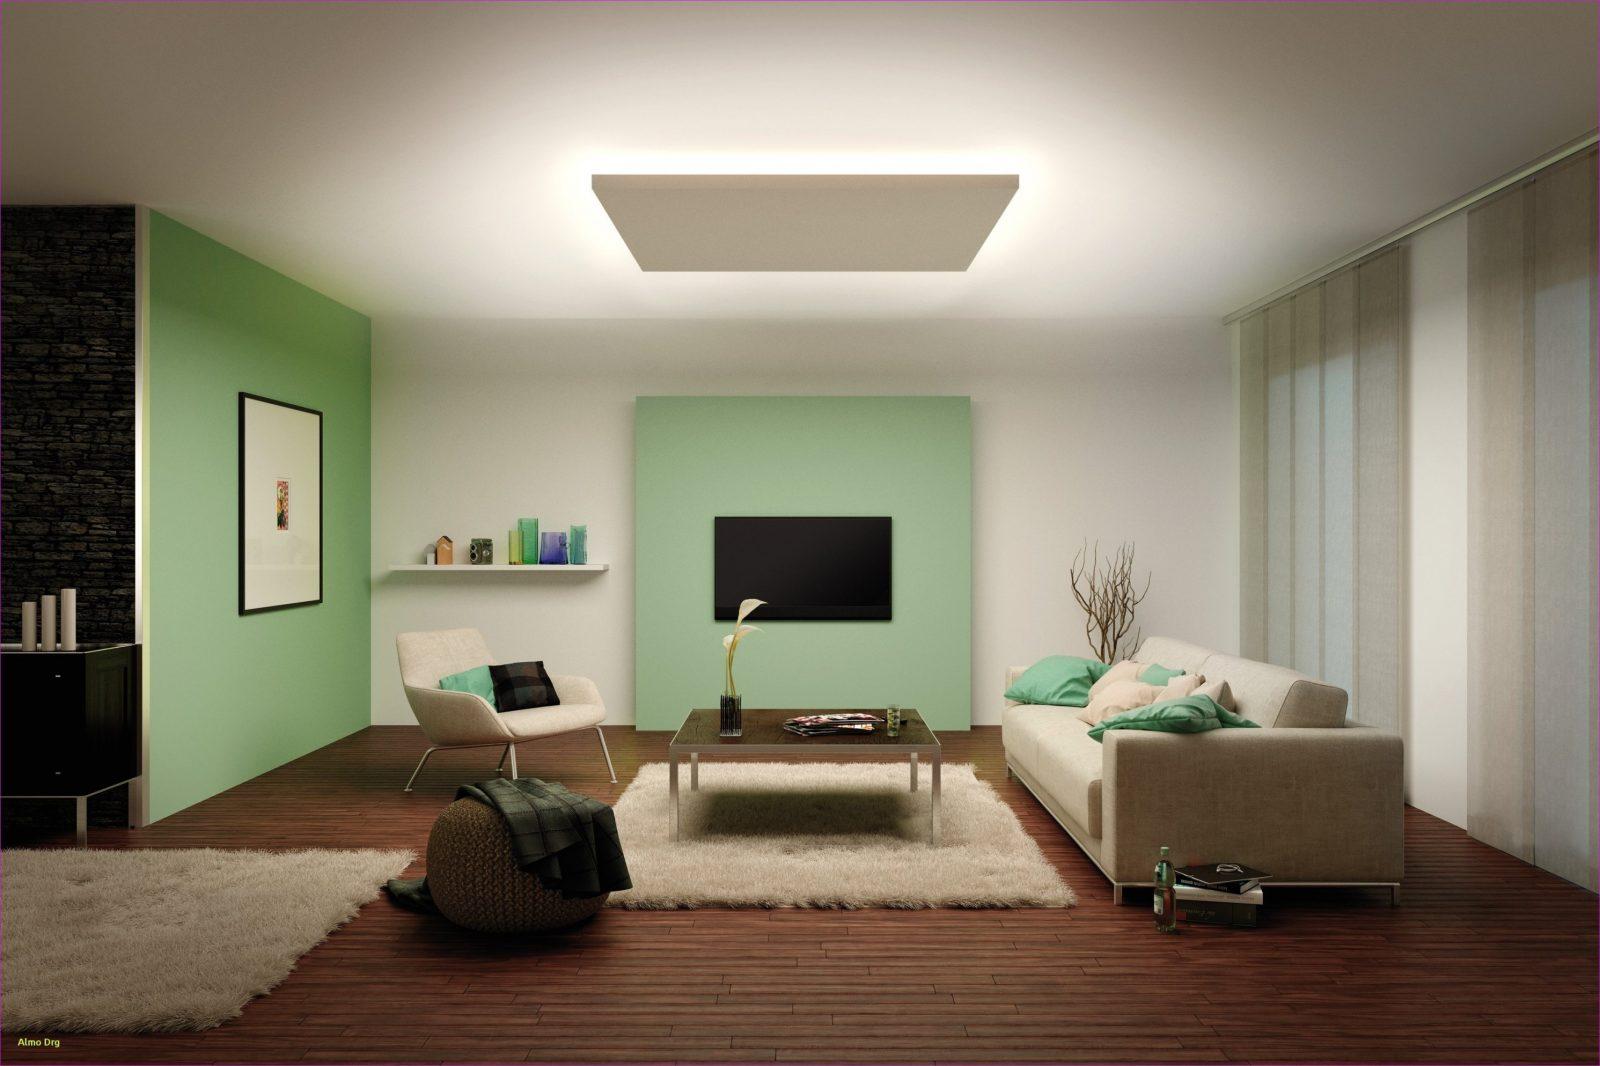 Led Beleuchtung Wohnzimmer Selber Bauen  Almo Drg von Led Beleuchtung Wohnzimmer Selber Bauen Photo